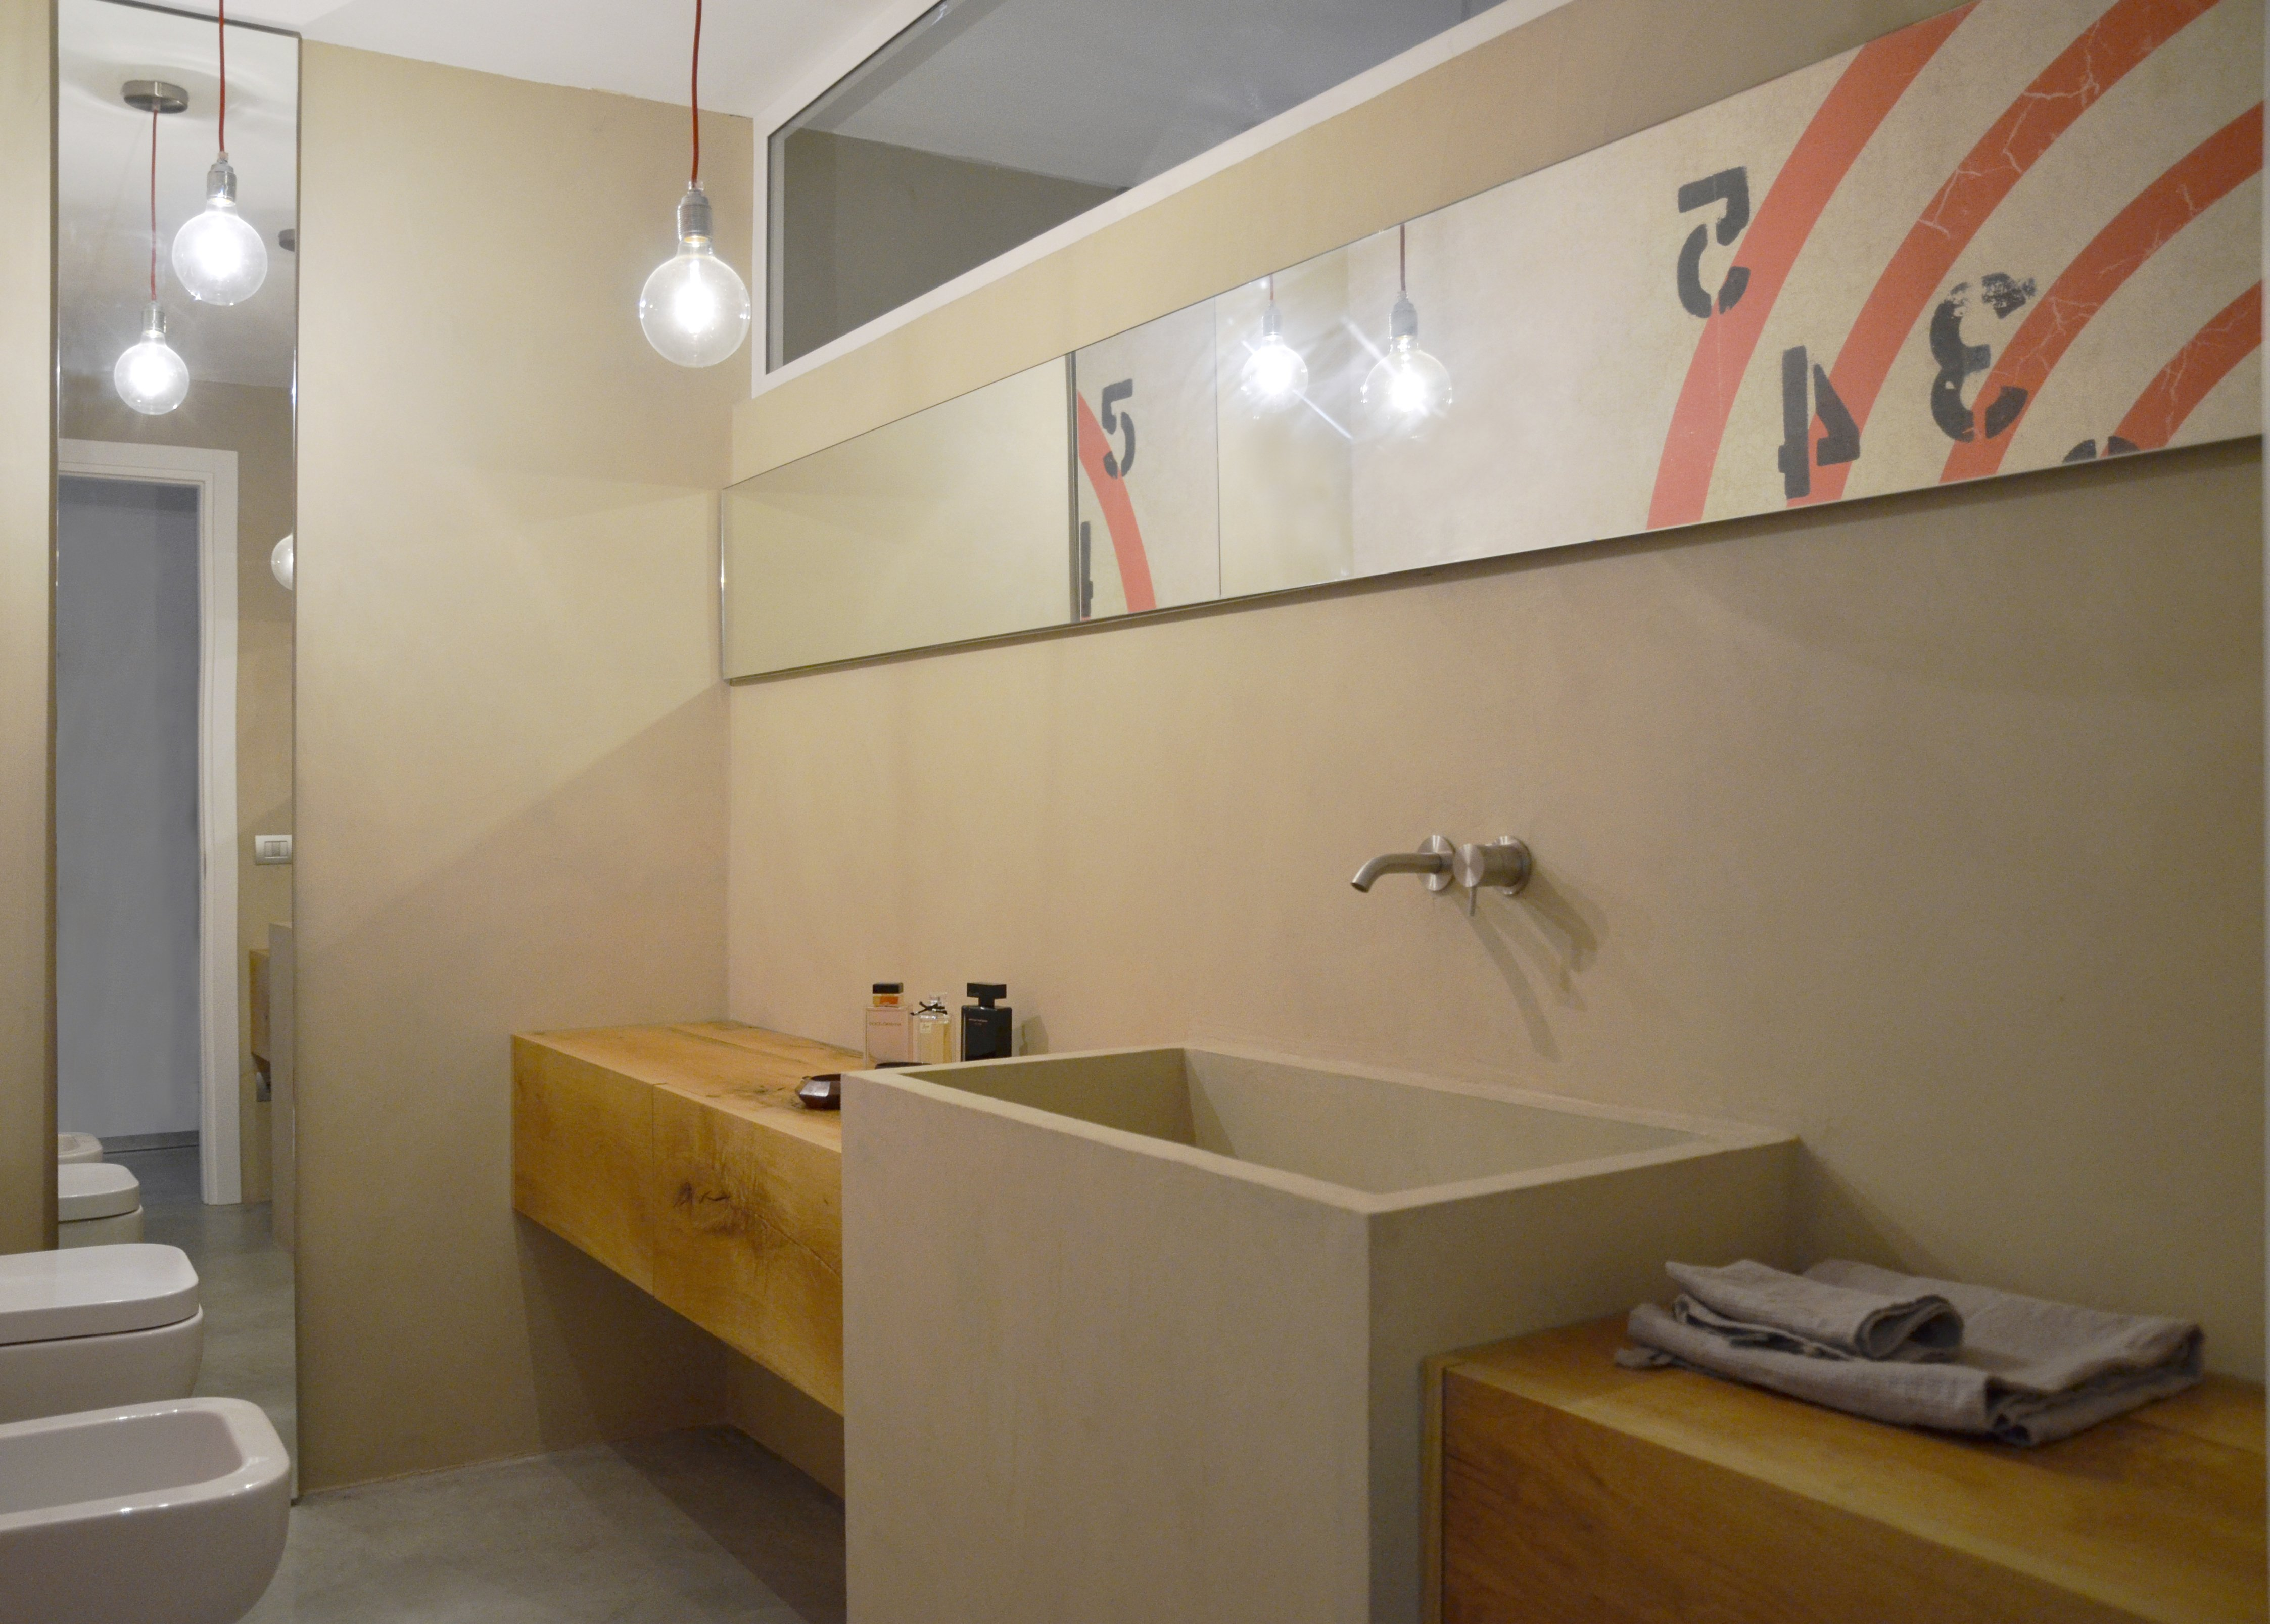 Smalti per pitturare piastrelle o ceramiche excellent smalto per vasca da bagno con brava - Smalti bicomponenti per pitturare piastrelle o ceramiche ...